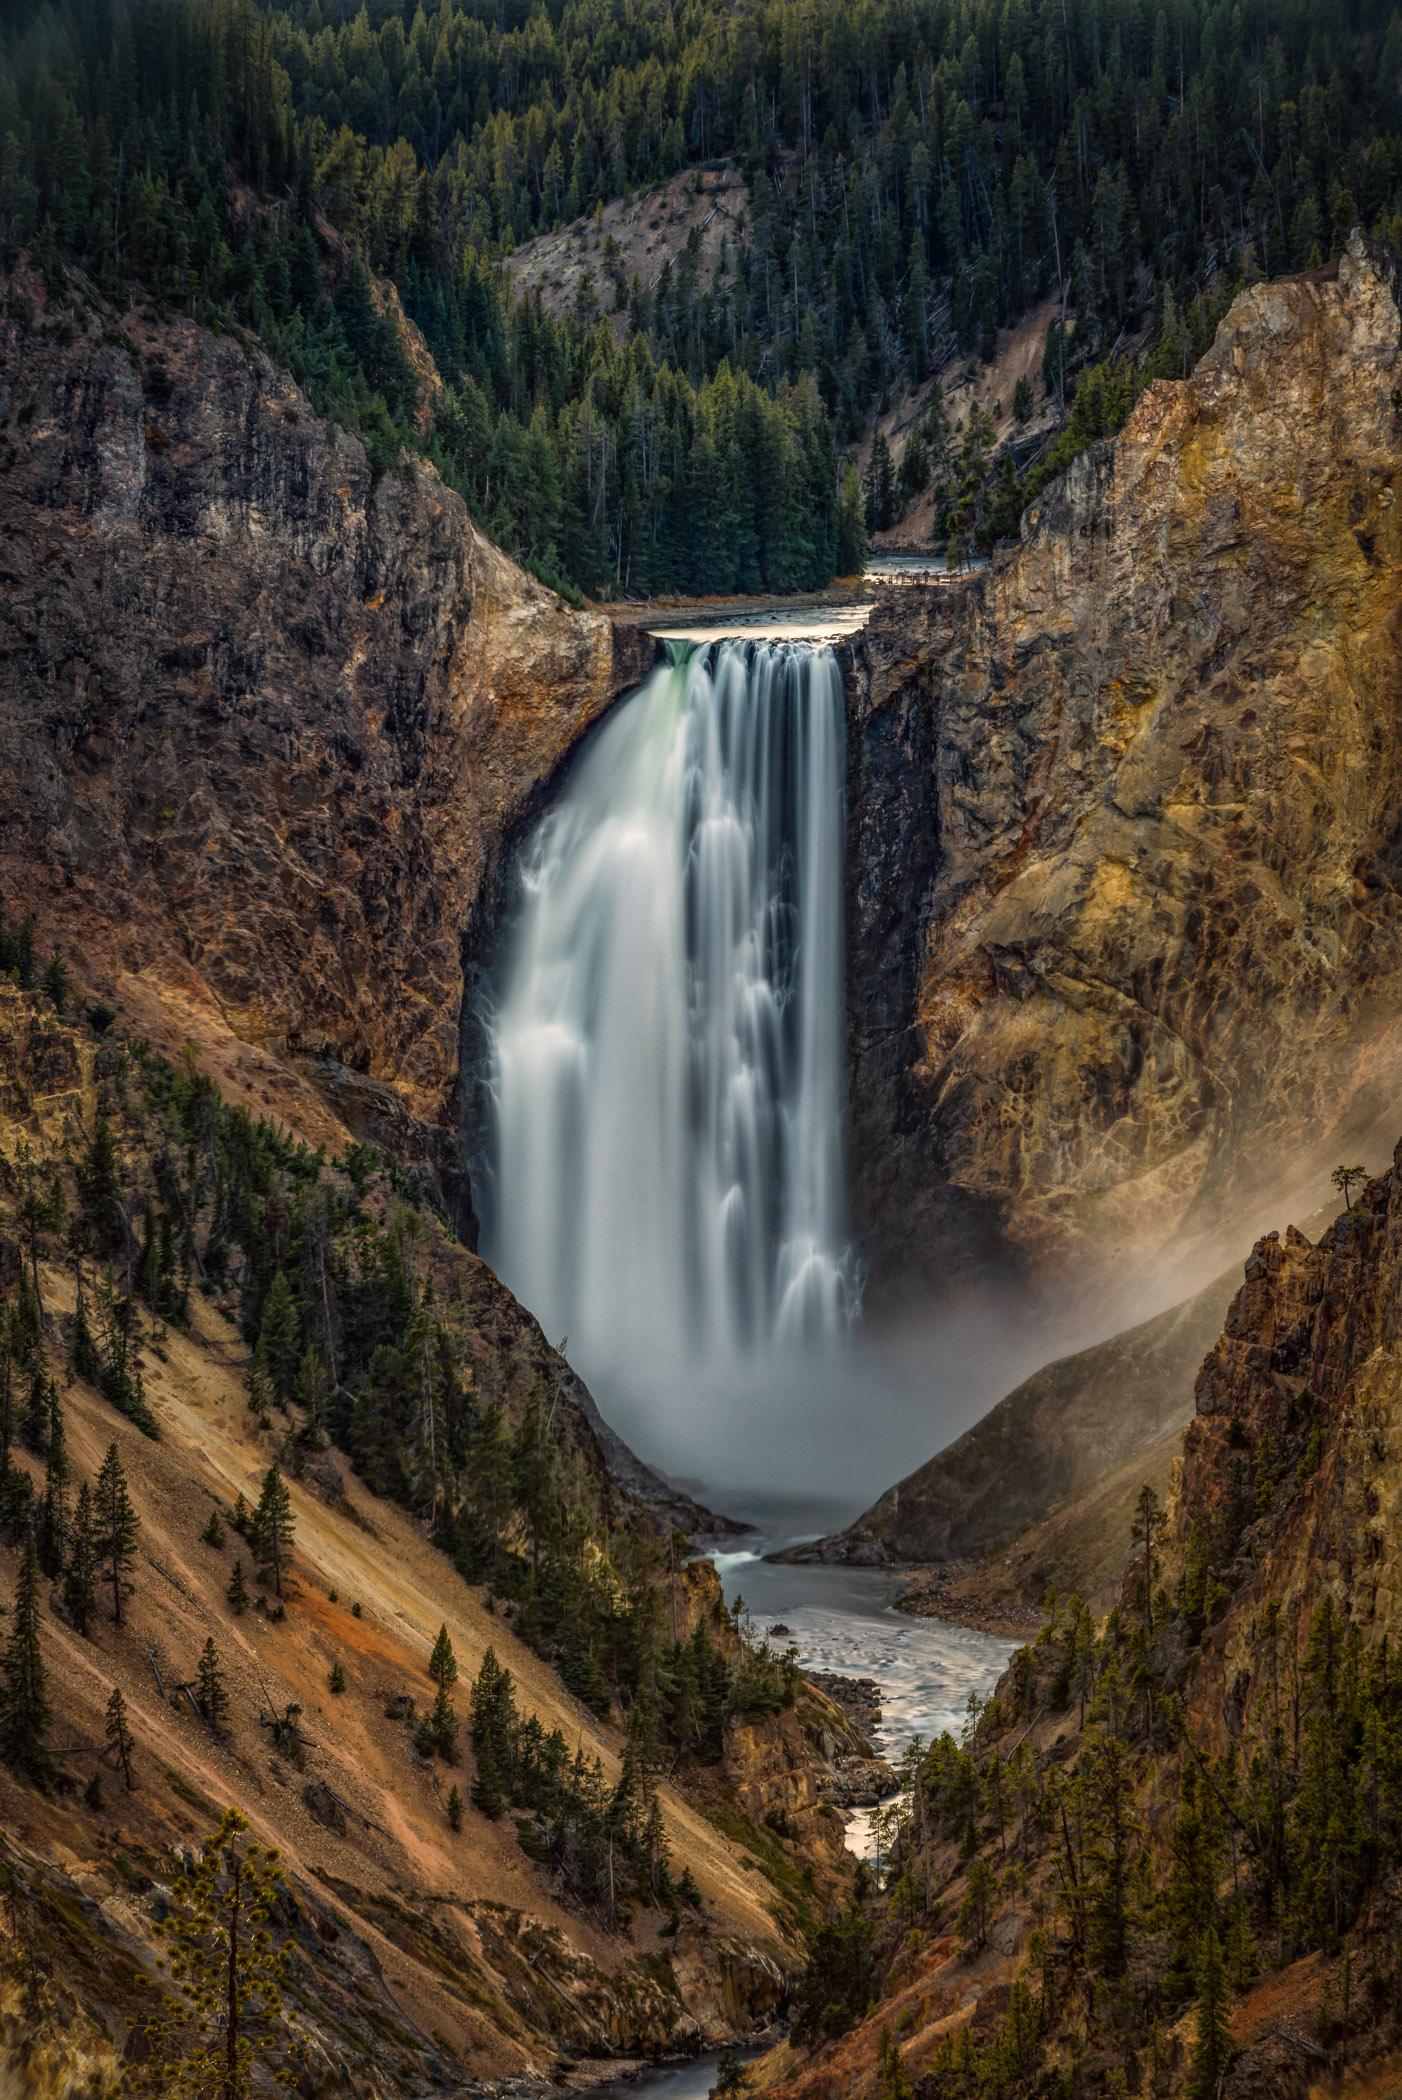 Lower Falls of Yellowstone 2